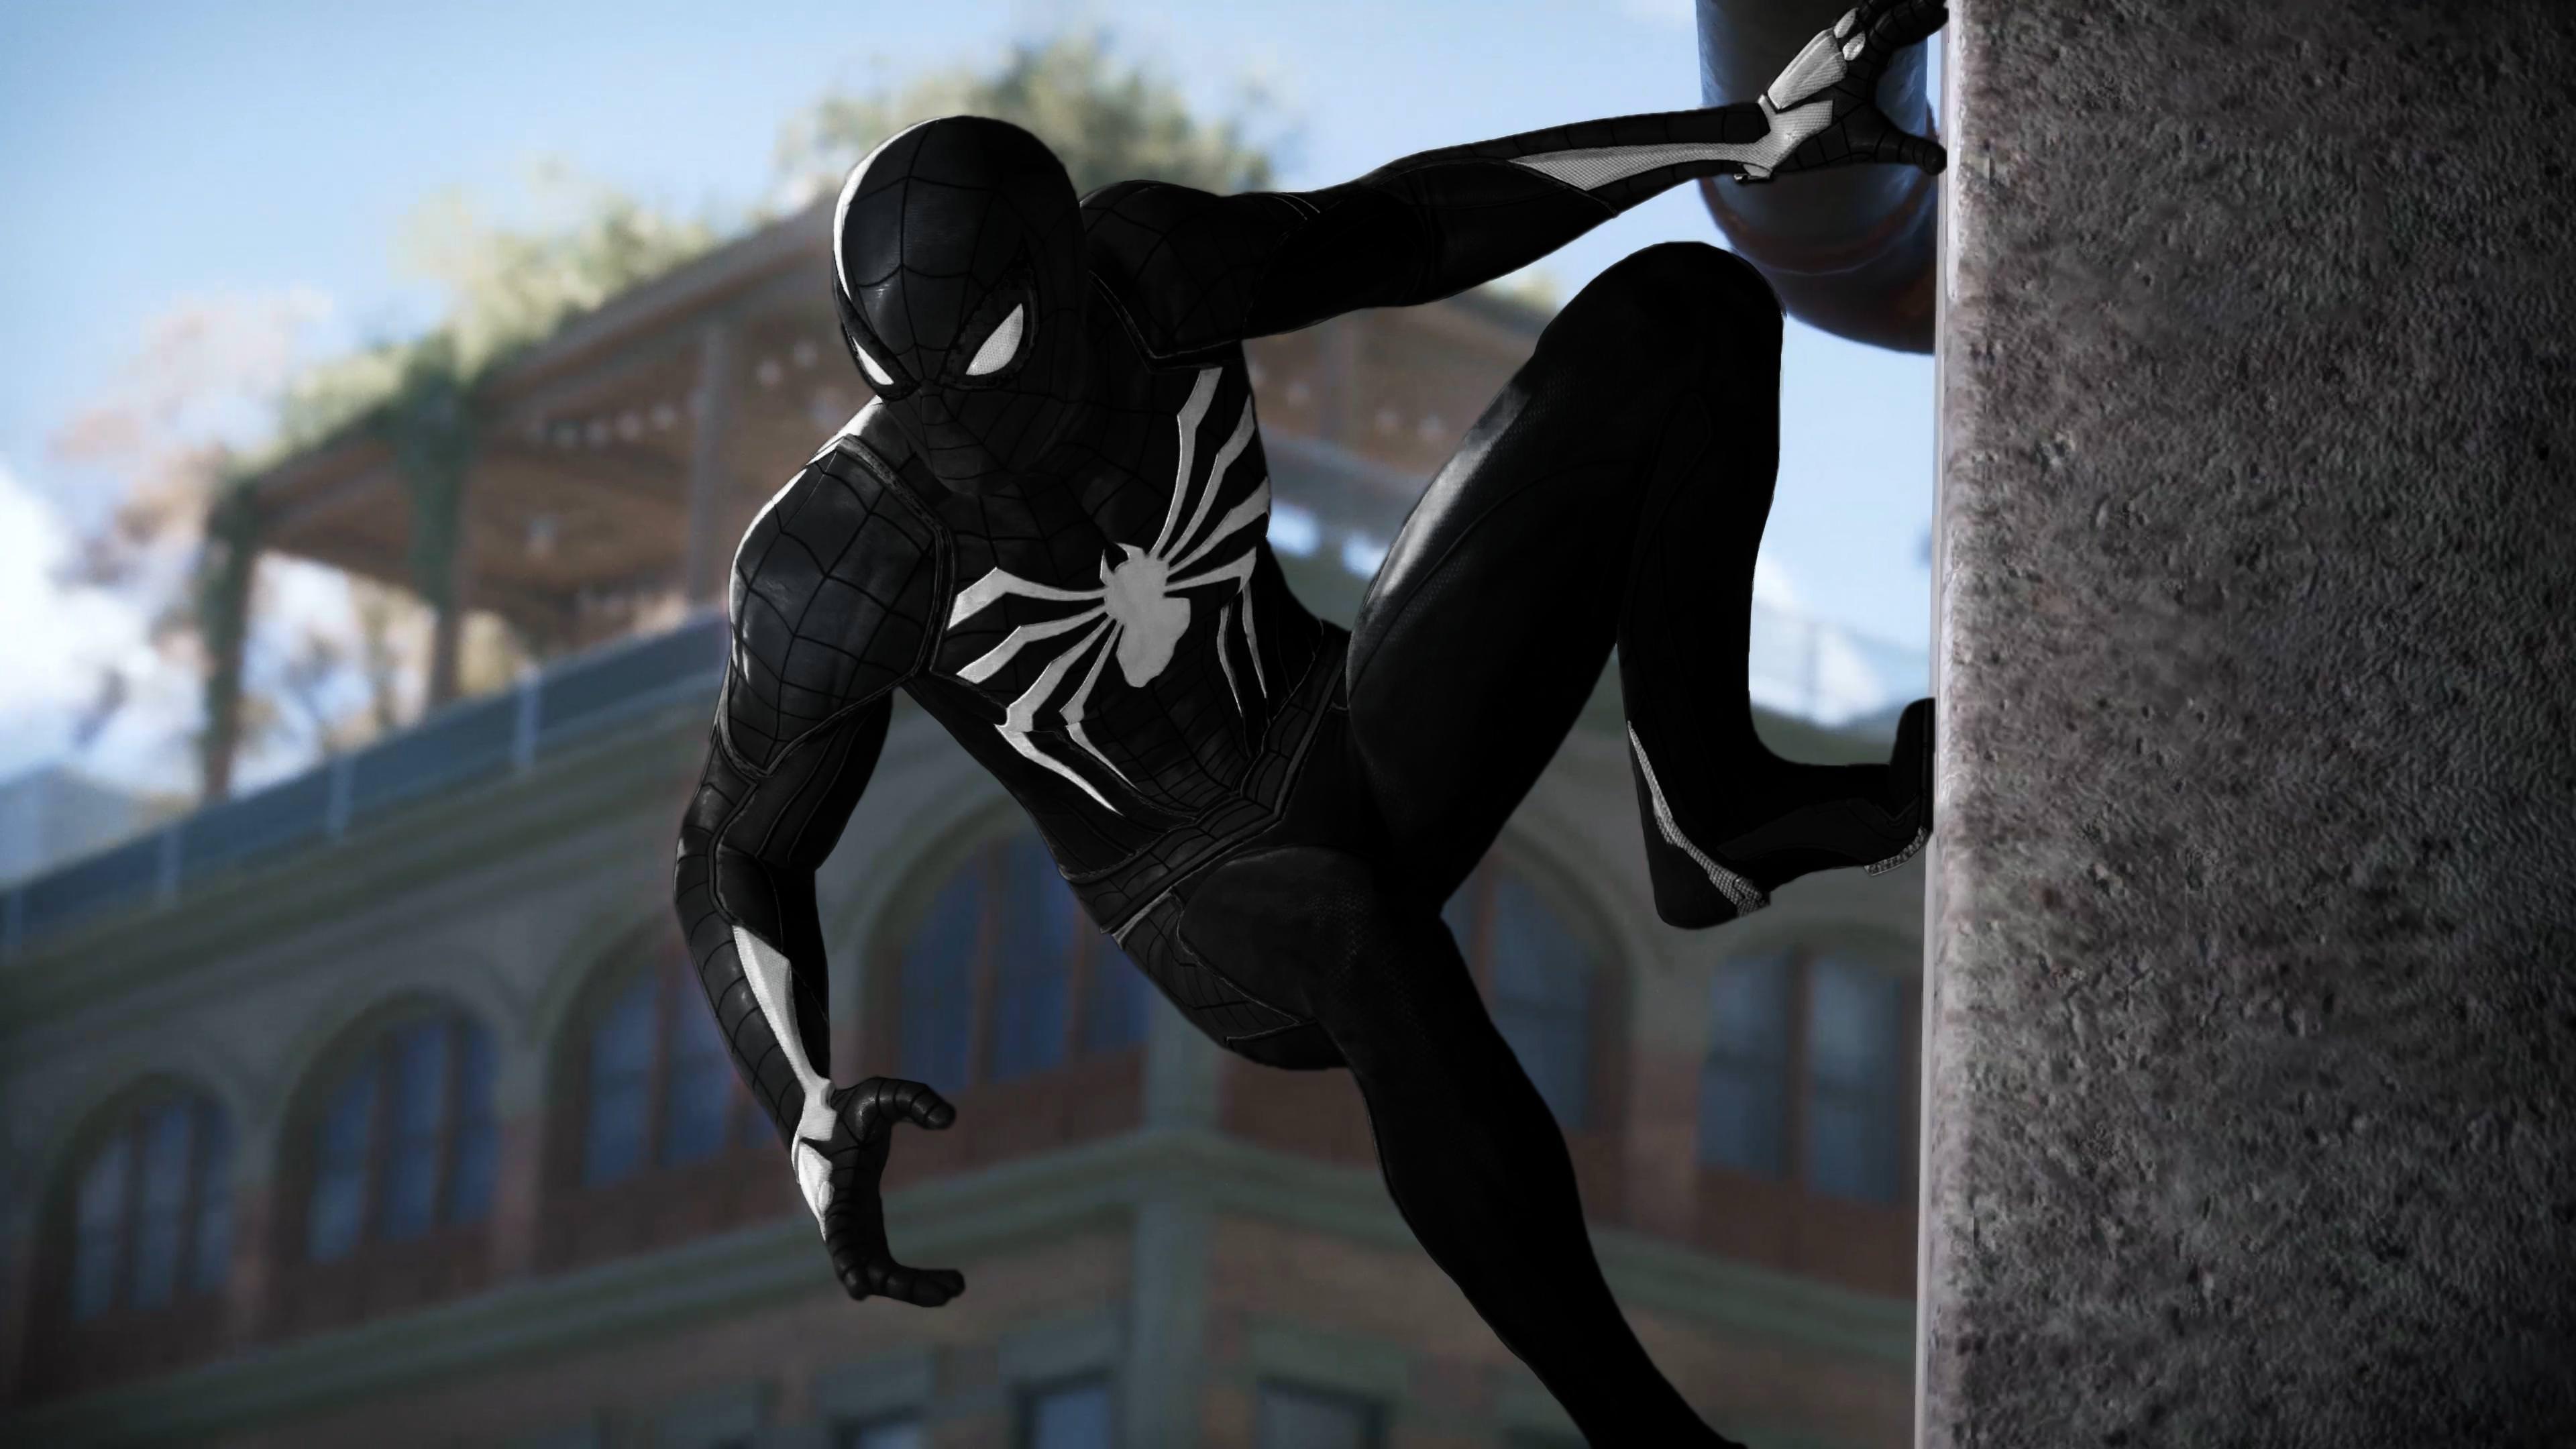 Black Spiderman 4k, HD Superheroes, 4k Wallpapers, Images ...